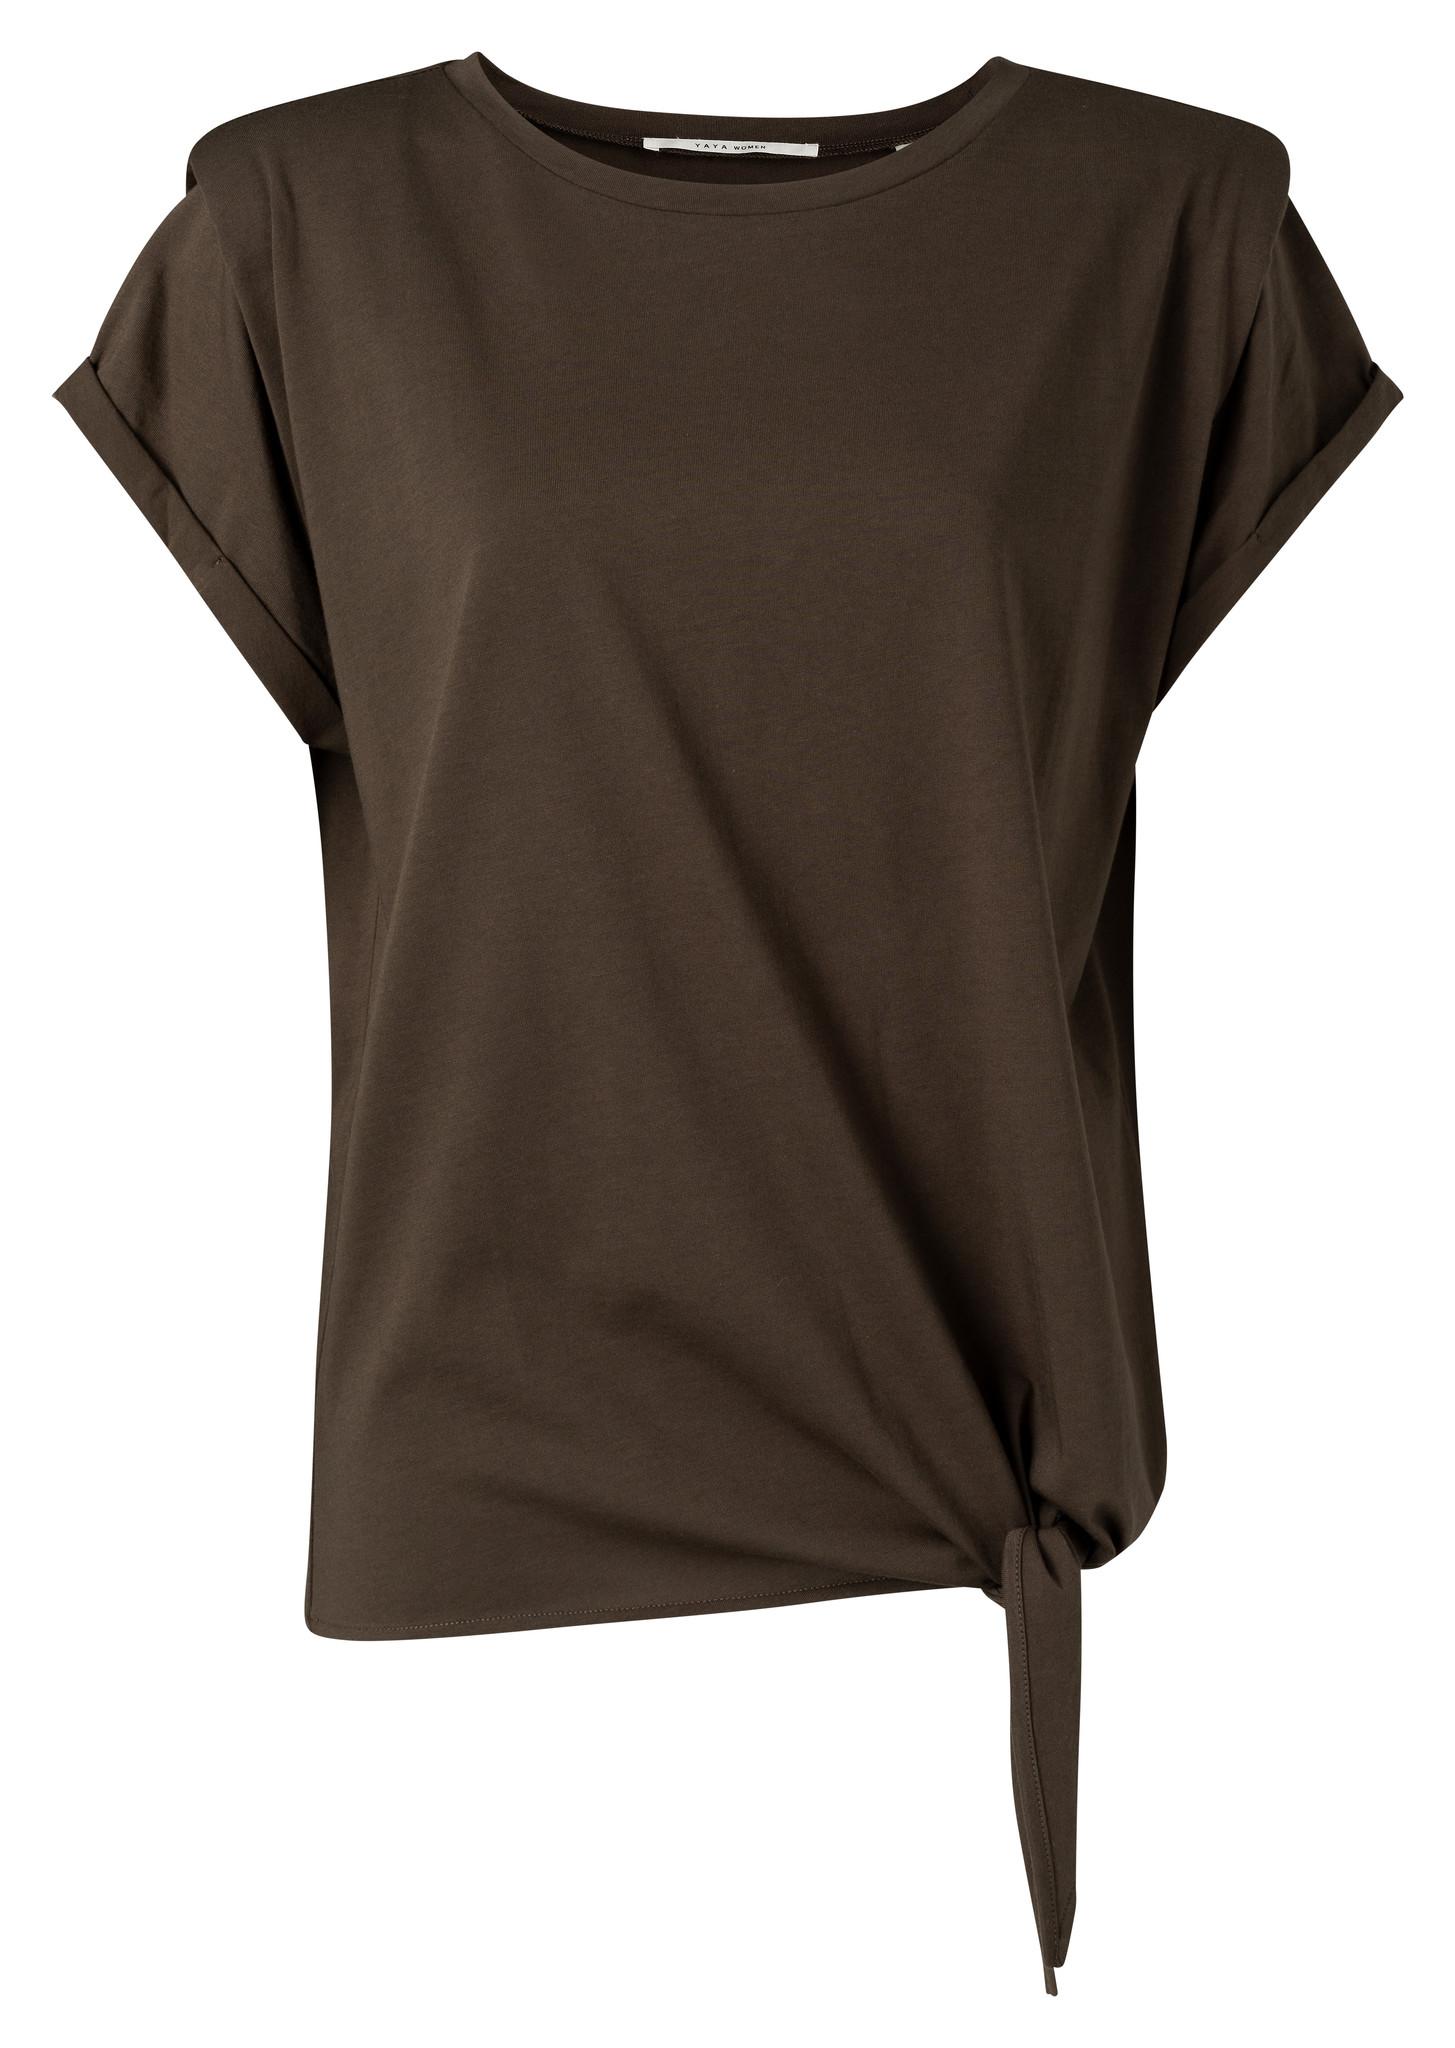 yaya Top with shoulder de 1909440-115-1